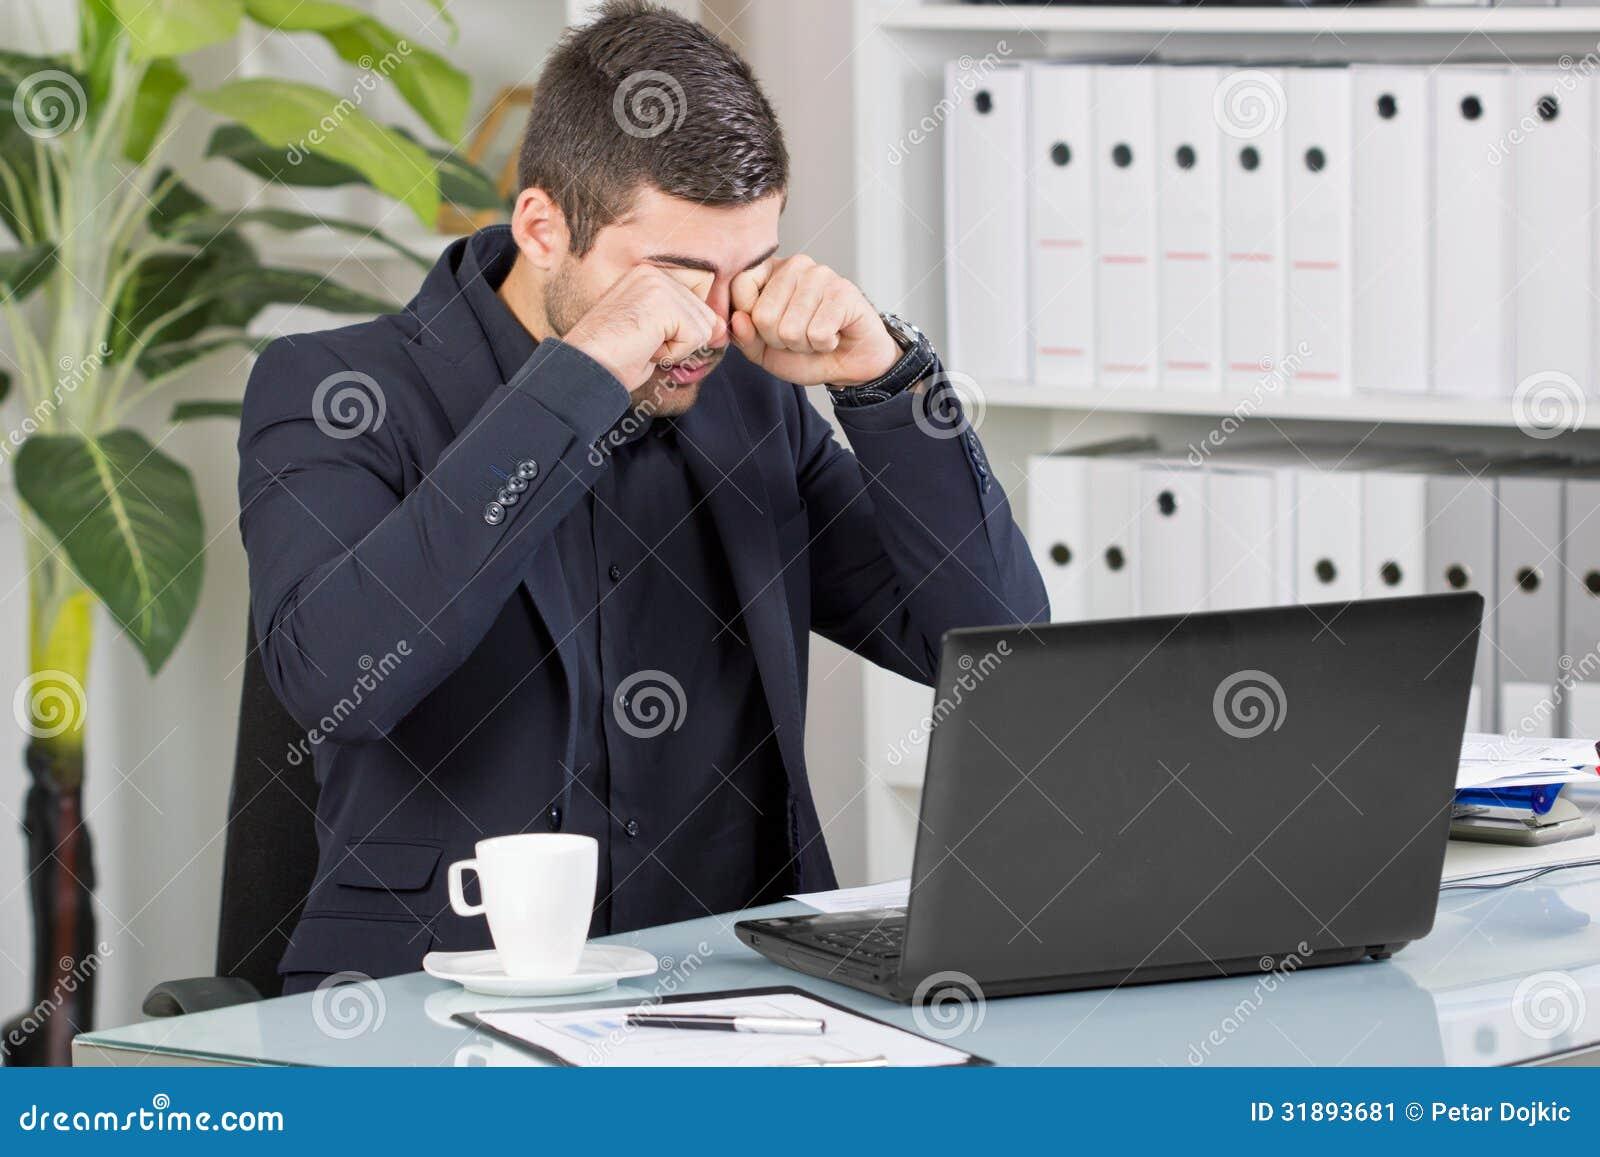 De bedrijfsmens wrijft zijn ogen van het slechte nieuws op het kantoor stock afbeelding - Decoreer zijn professionele kantoor ...